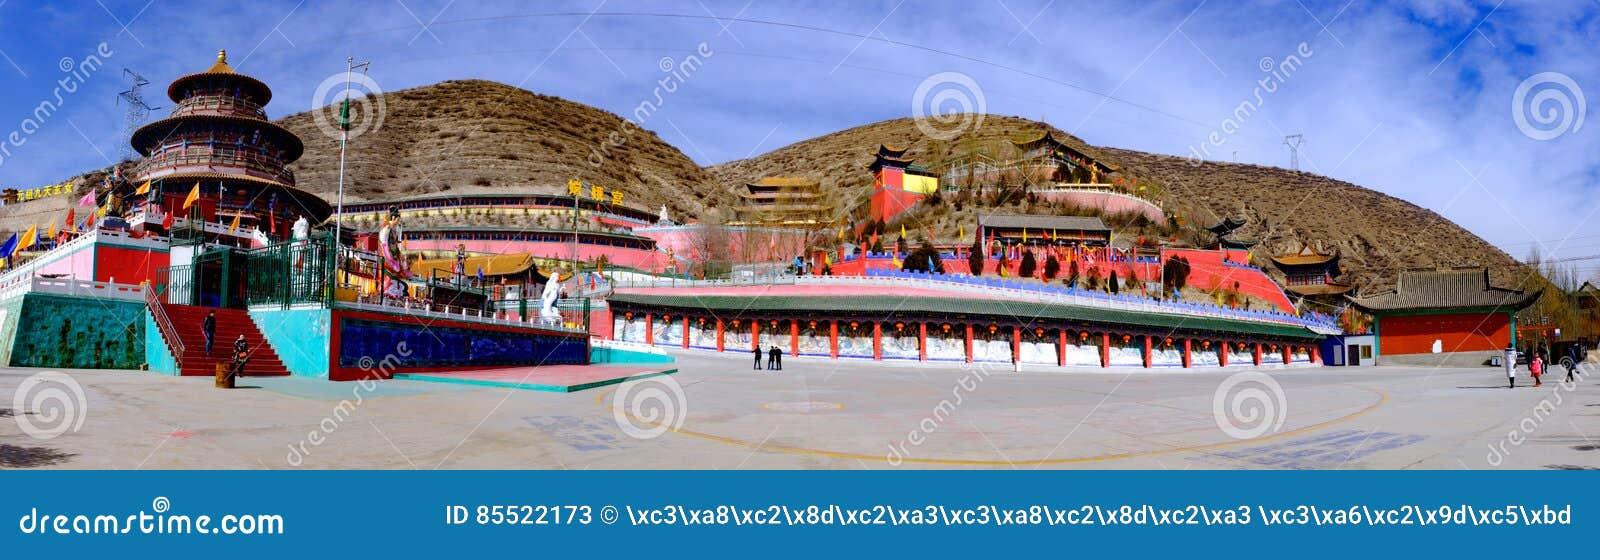 Le Qinghai Xining : saint de neuf jours de grand kunlun - montagne de MaLong Phoenix